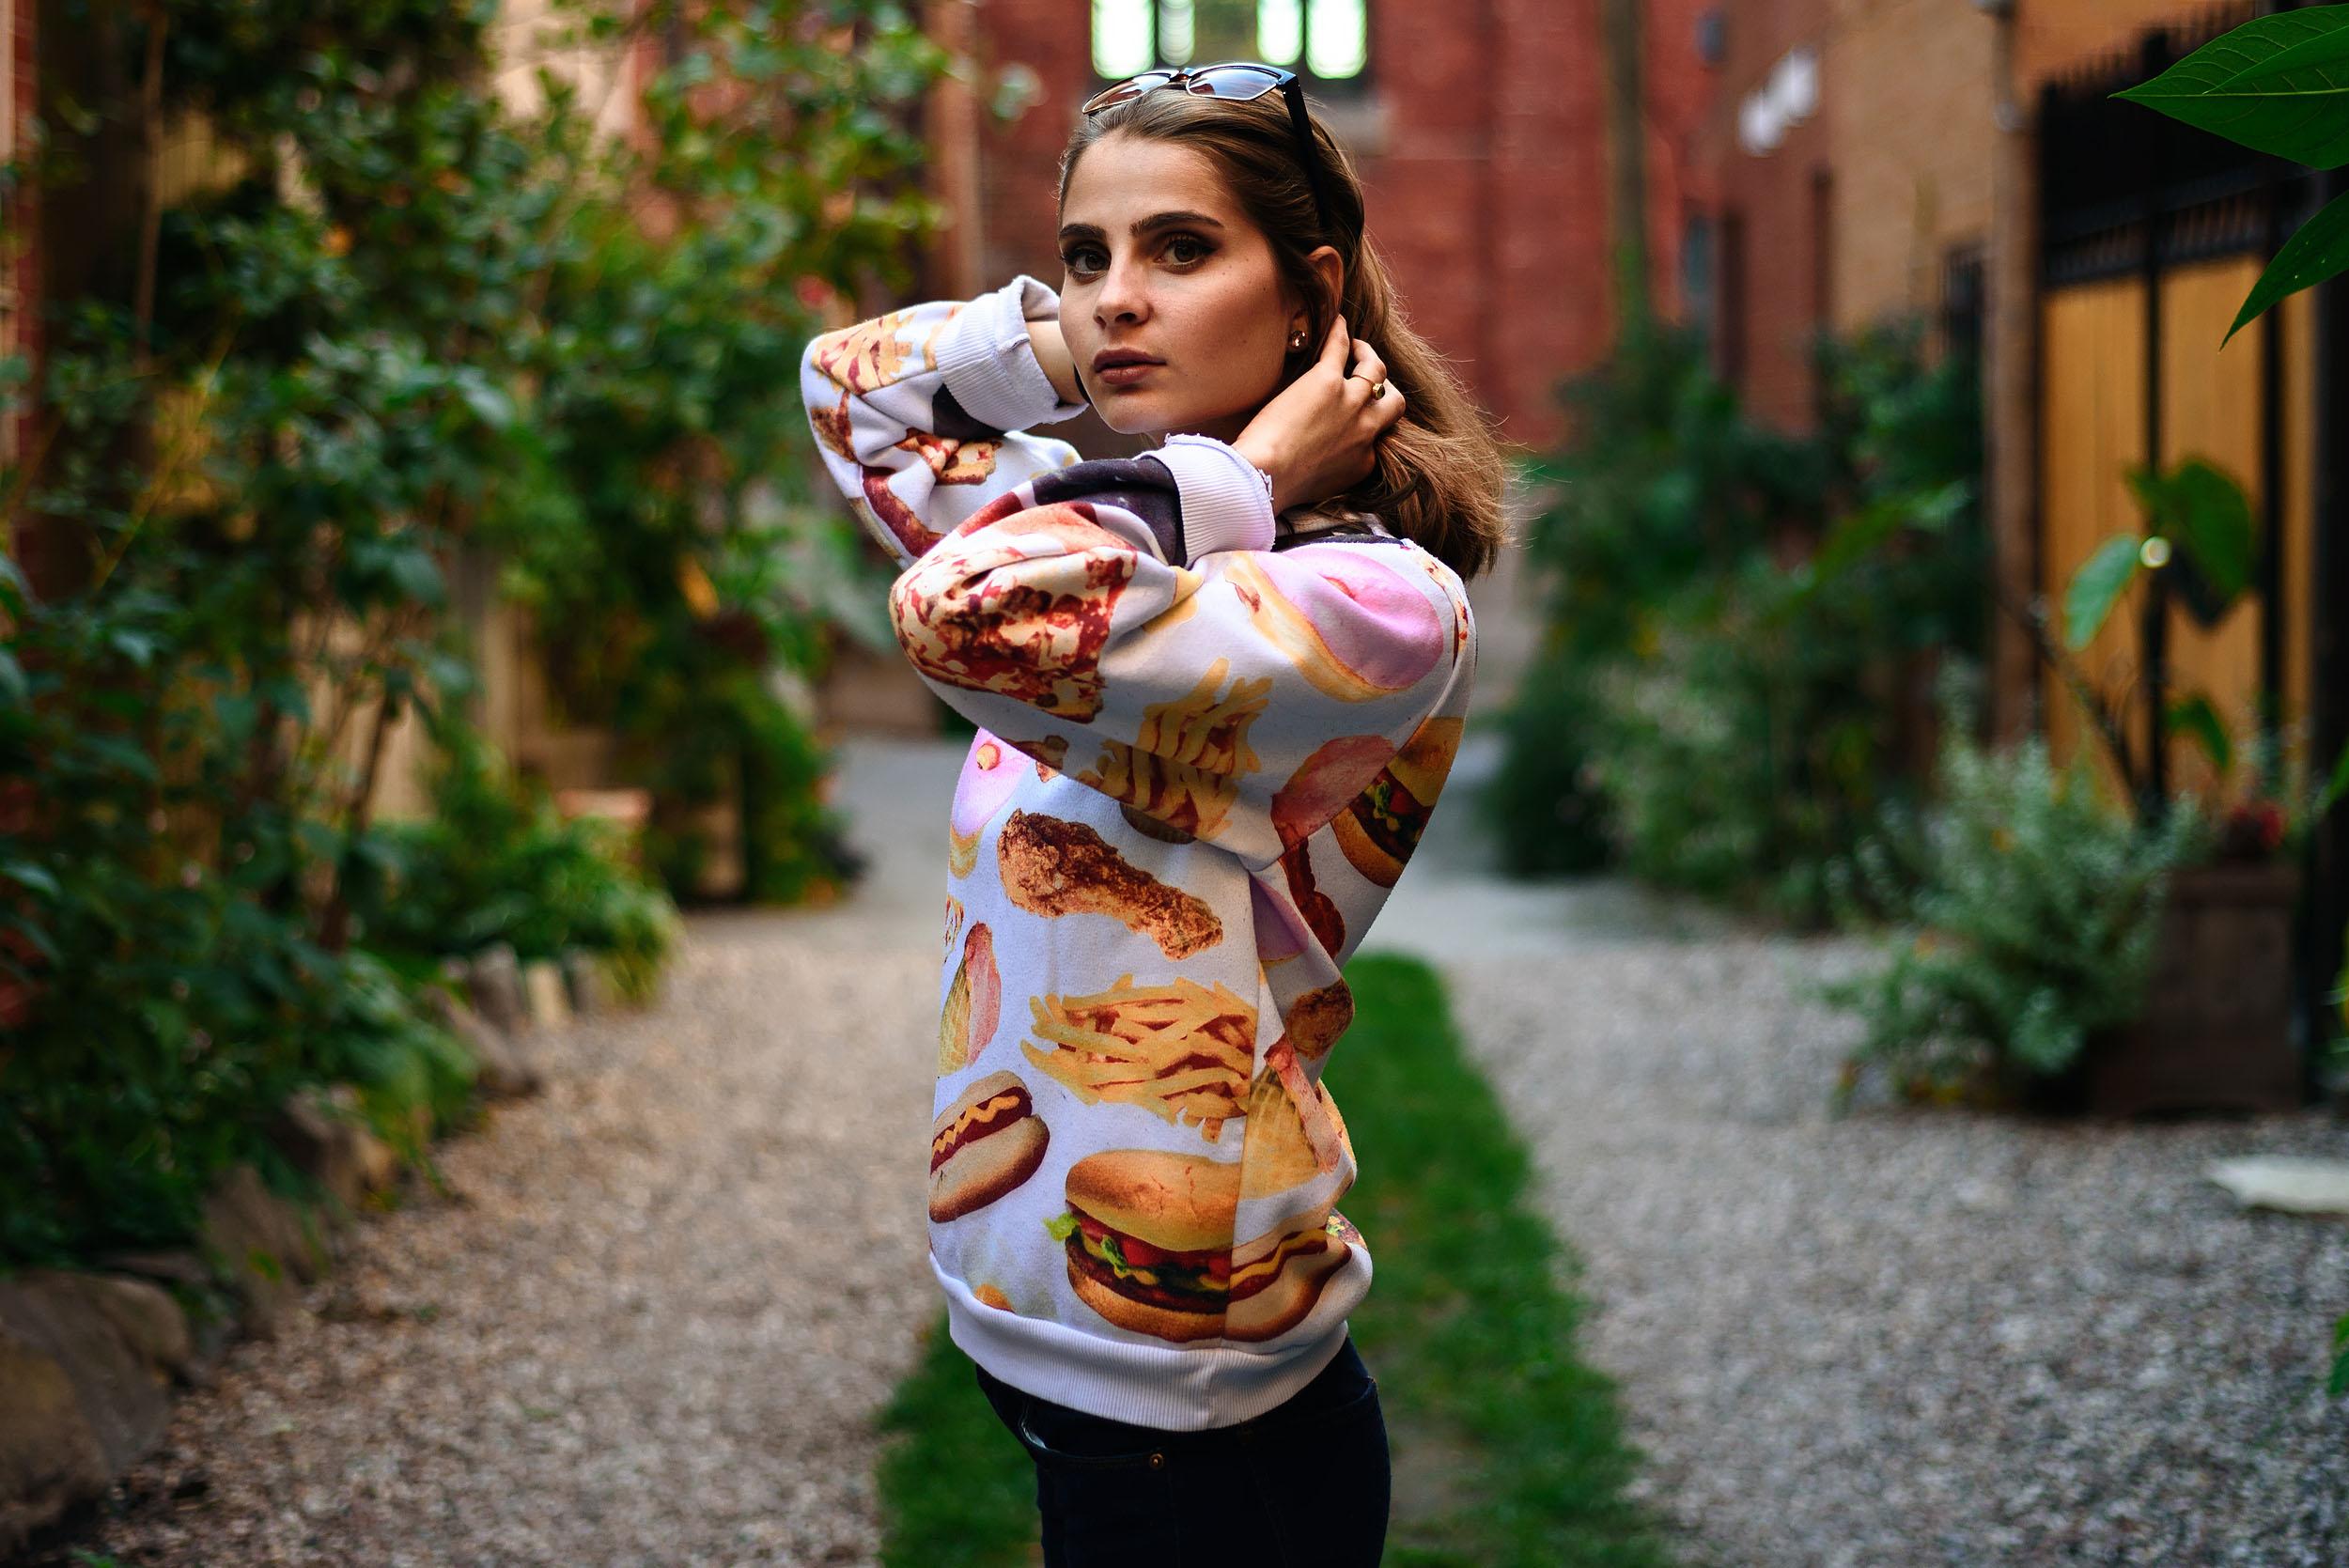 gabi_hamburger-10.jpg